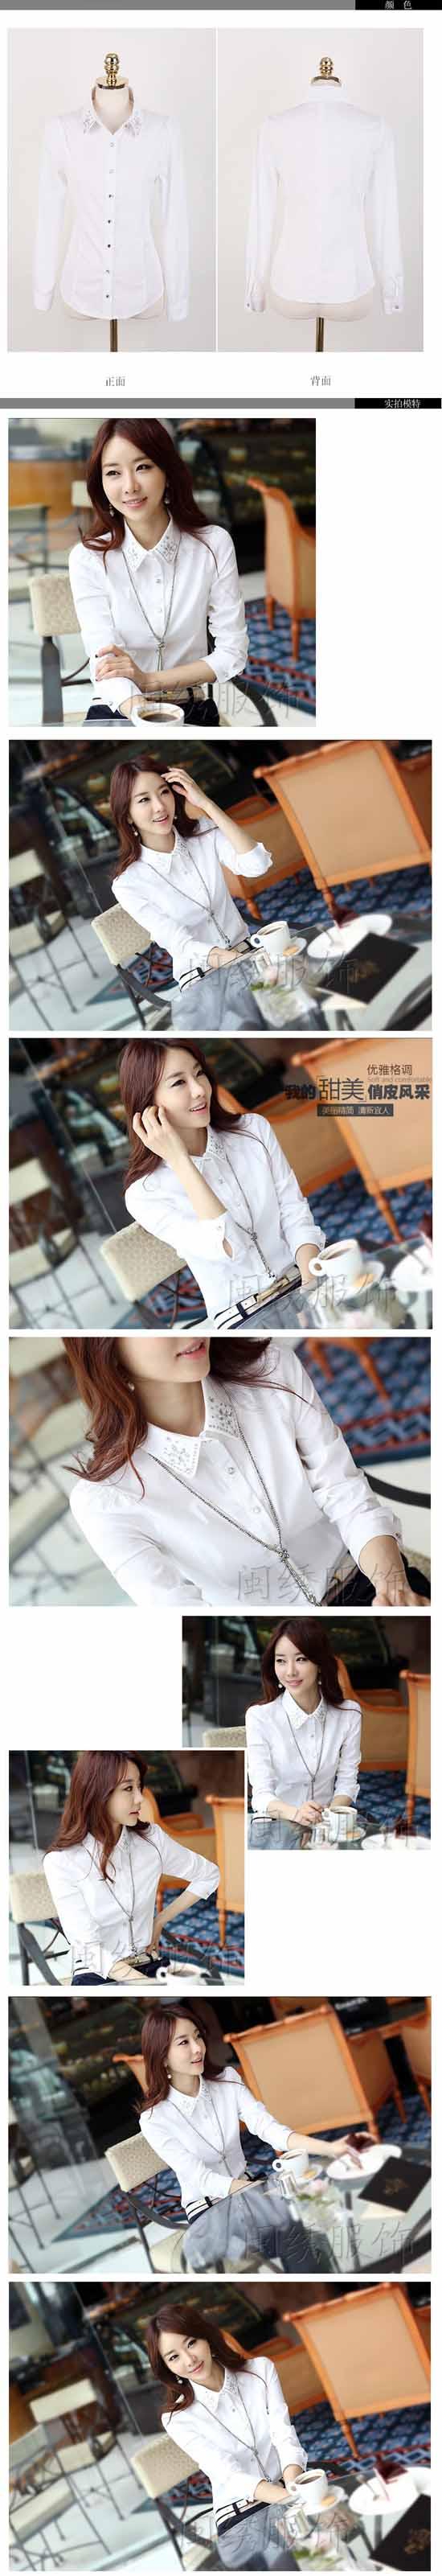 เสื้อเชิ้ต ทำงาน แฟชั่นเกาหลี ใหม่สวยปกปักเลื่อมหรู นำเข้า ไซส์S/M/L สีขาว - พรีออเดอร์MI596 ราคา1150บาท